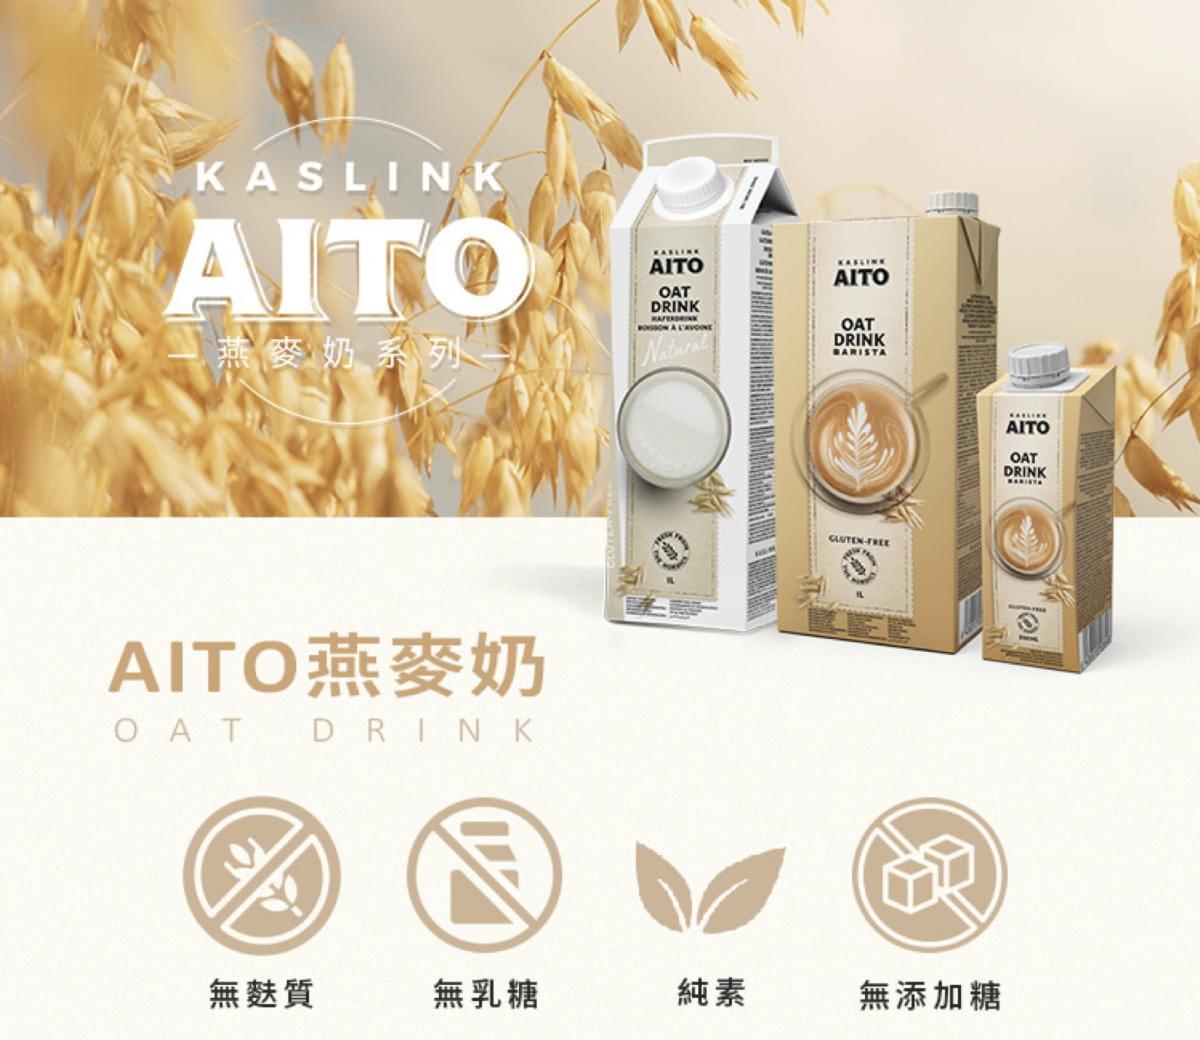 【芬蘭 AITO】天然原味燕麥奶 /咖啡師燕麥奶 (無乳糖/全素植物奶) 1